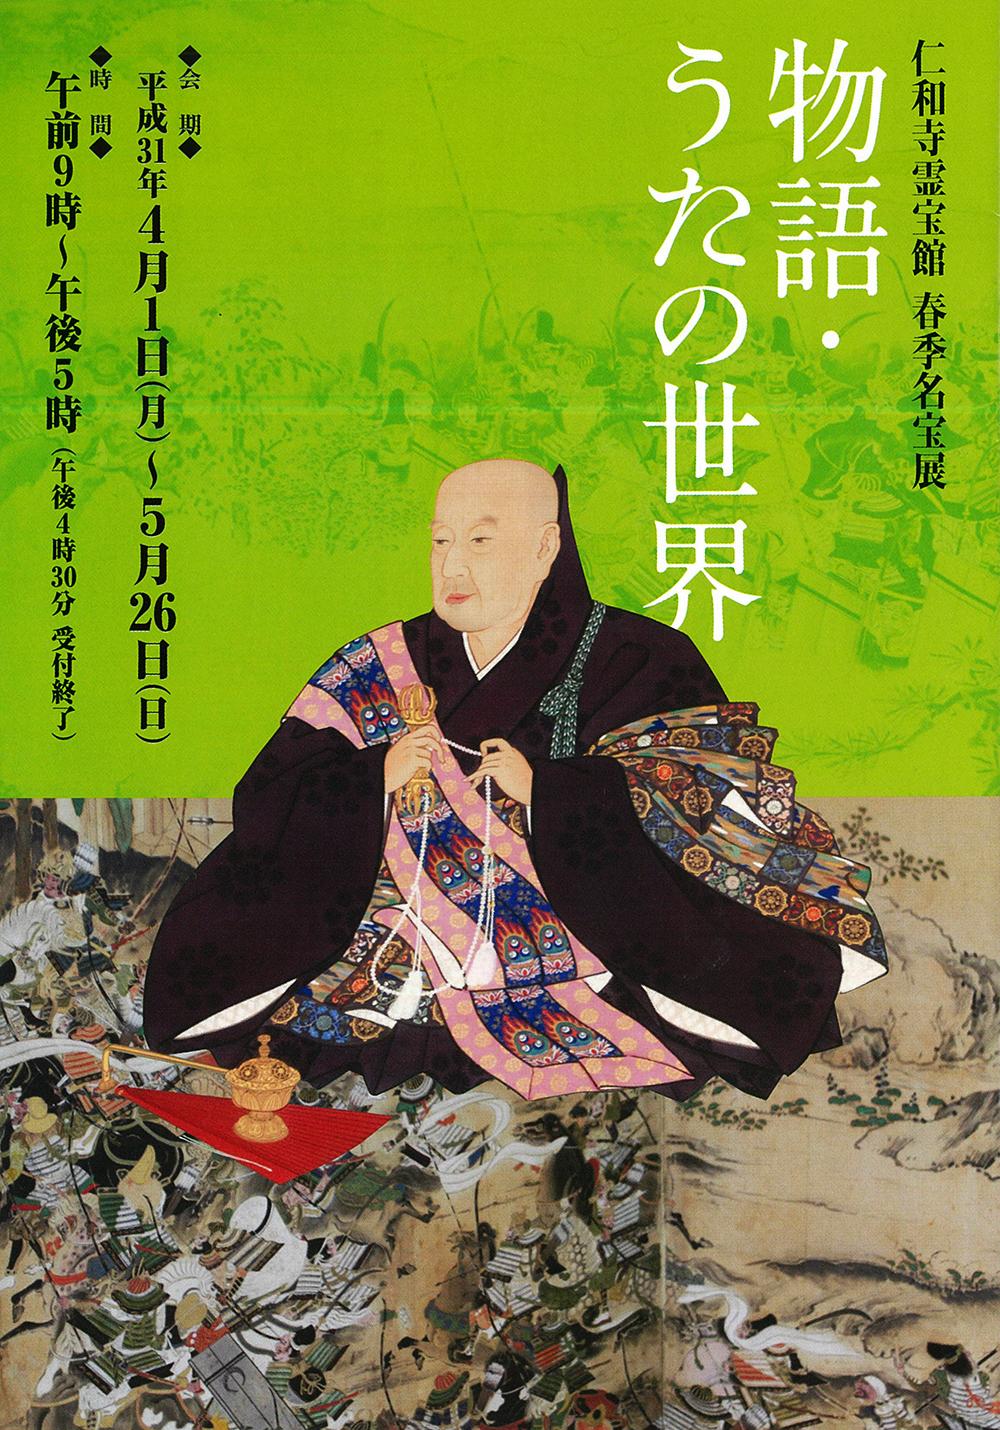 仁和寺霊宝館 春季名宝展「物語・うたの世界」